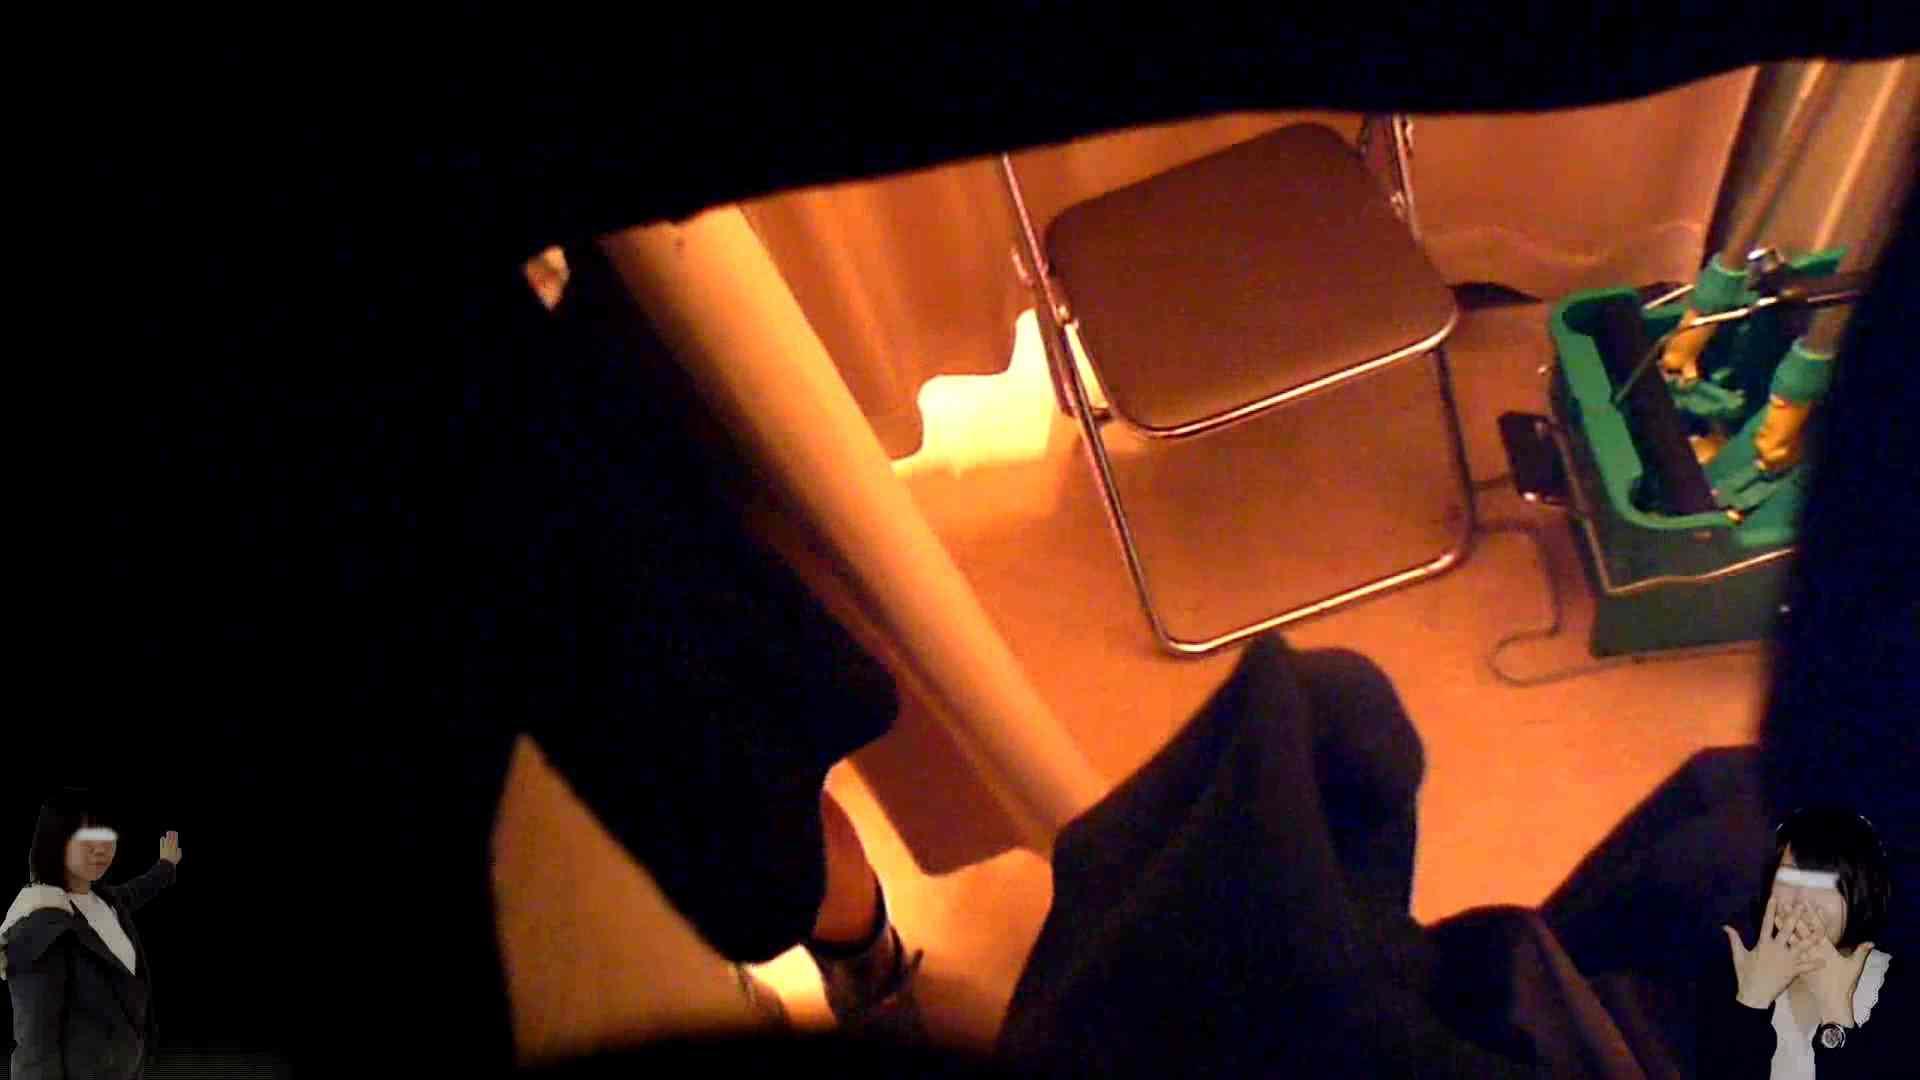 素人投稿 現役「JD」Eちゃんの着替え Vol.04 着替え 盗撮エロ画像 76PICs 22